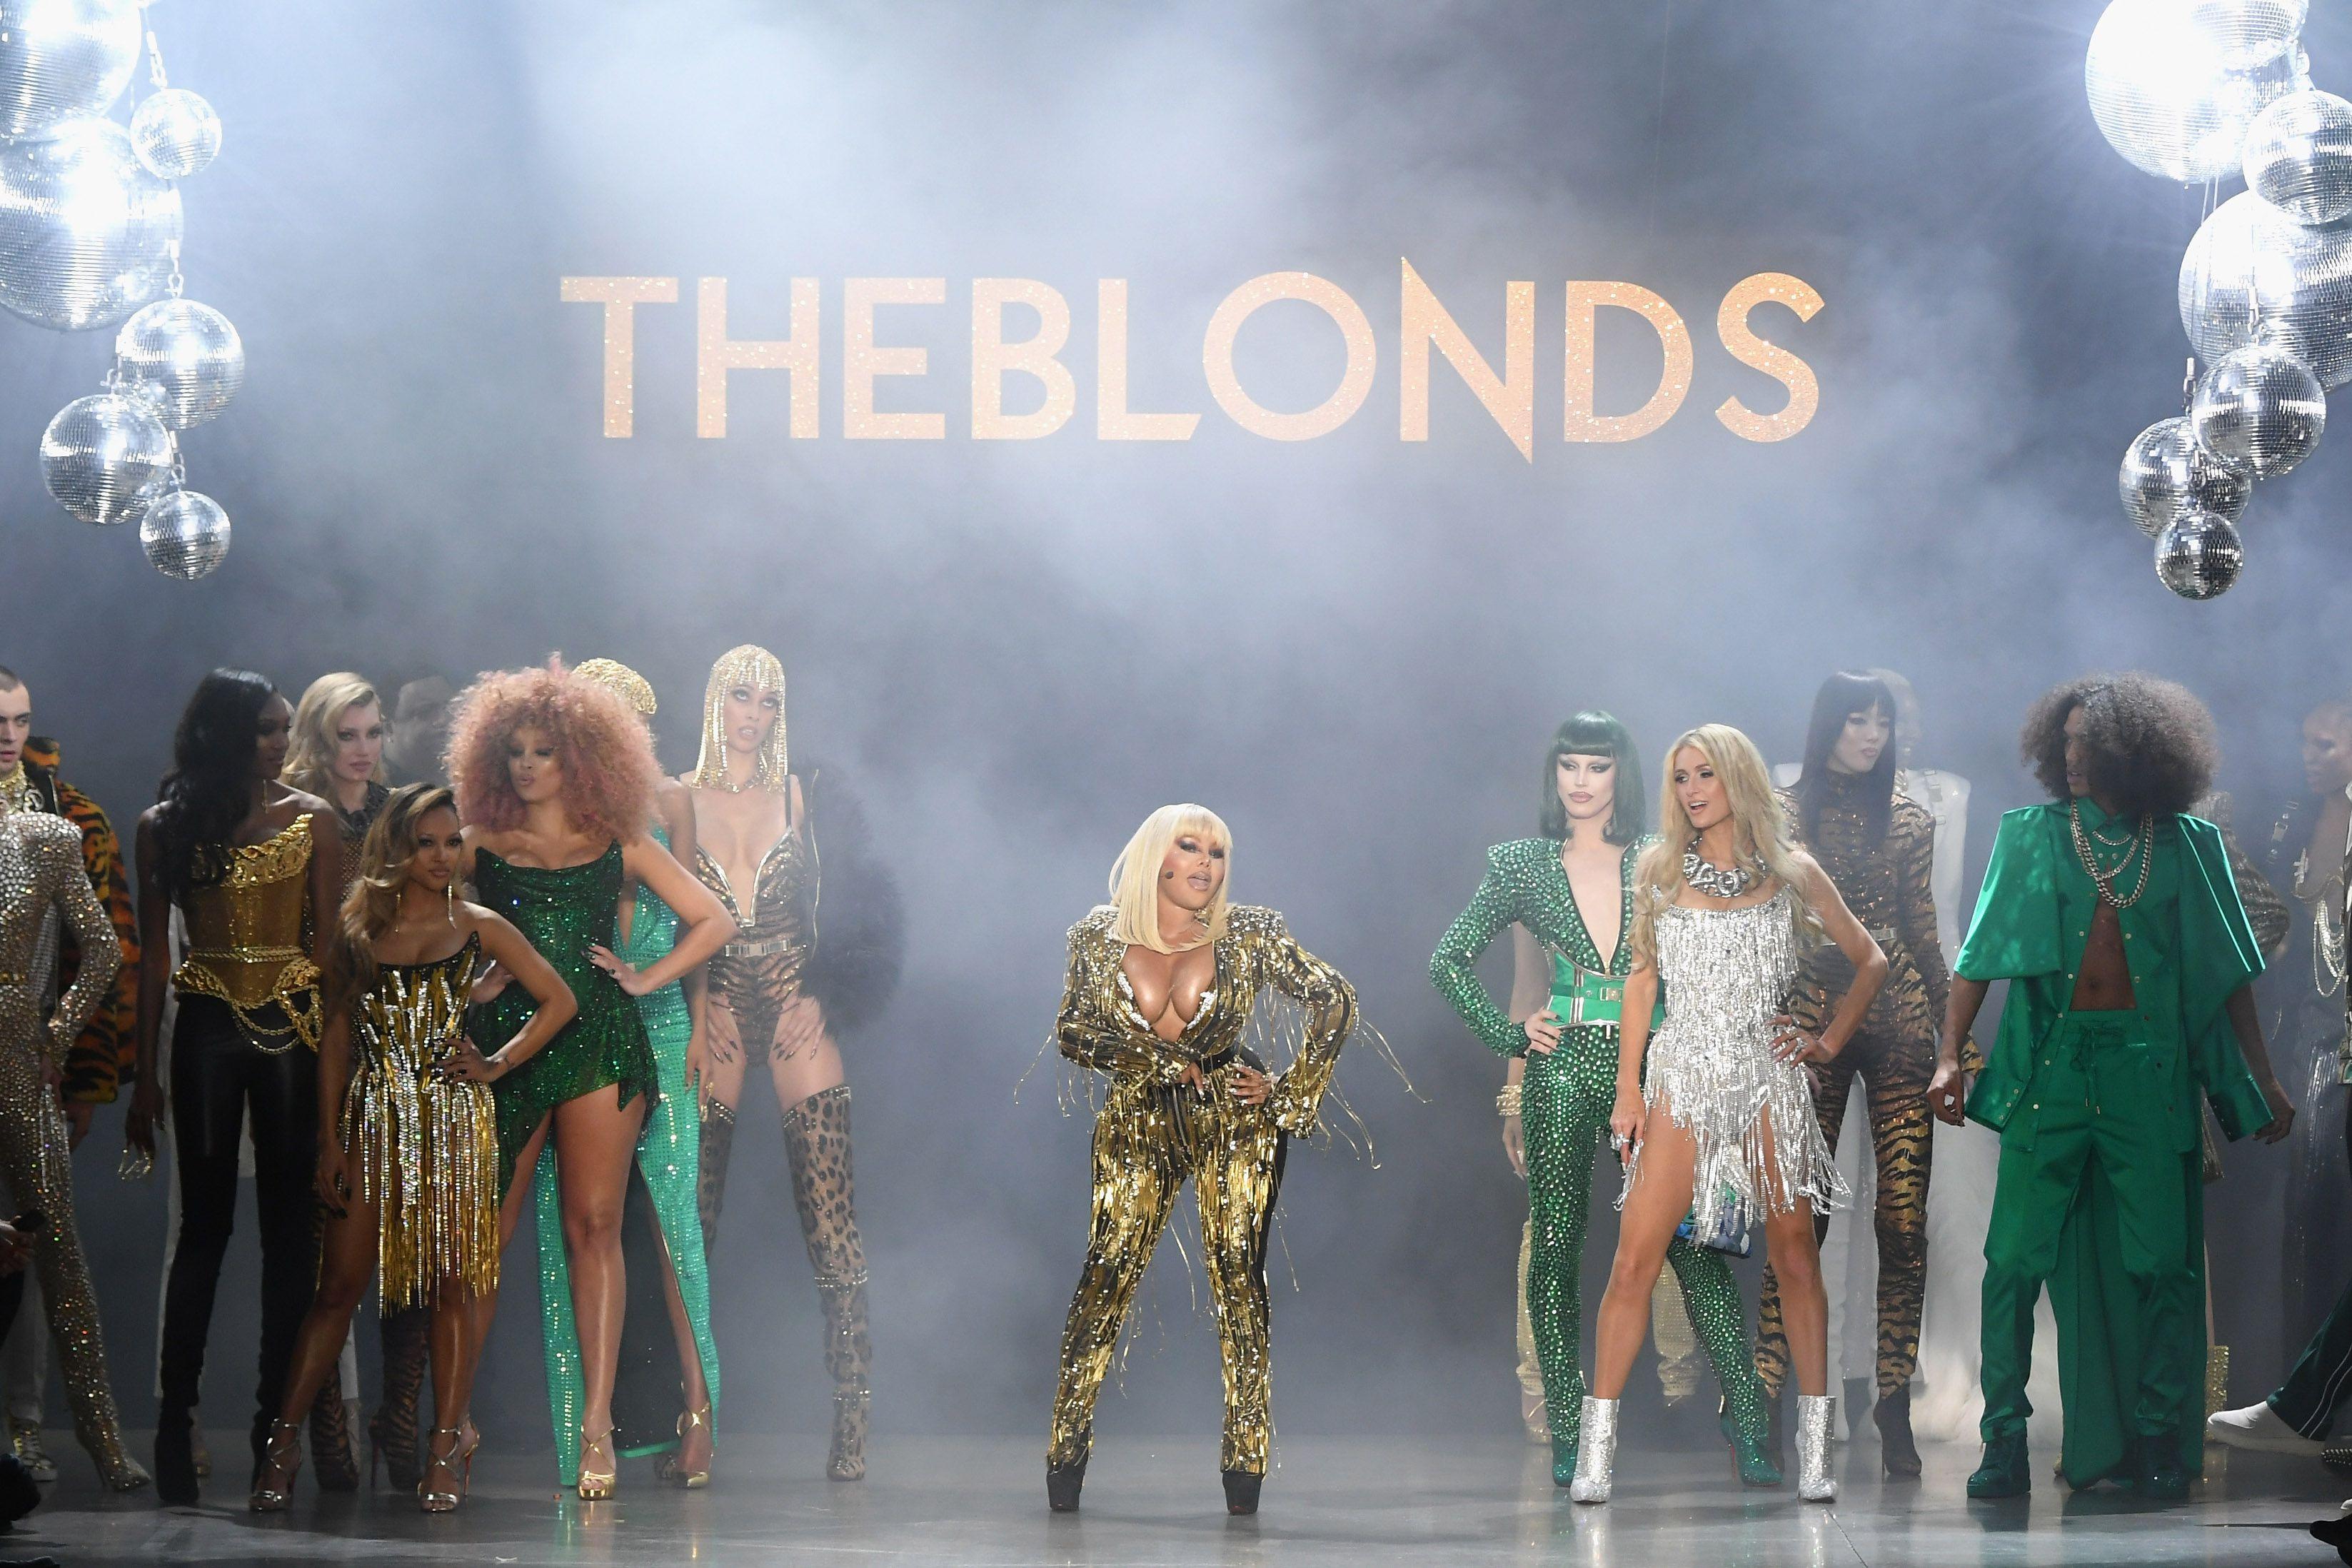 【紐約時裝週】紐約歷年最浮誇 The Blonds 設計師又來搞事情了!這位傳奇饒舌天后也只有這場大秀請得動!